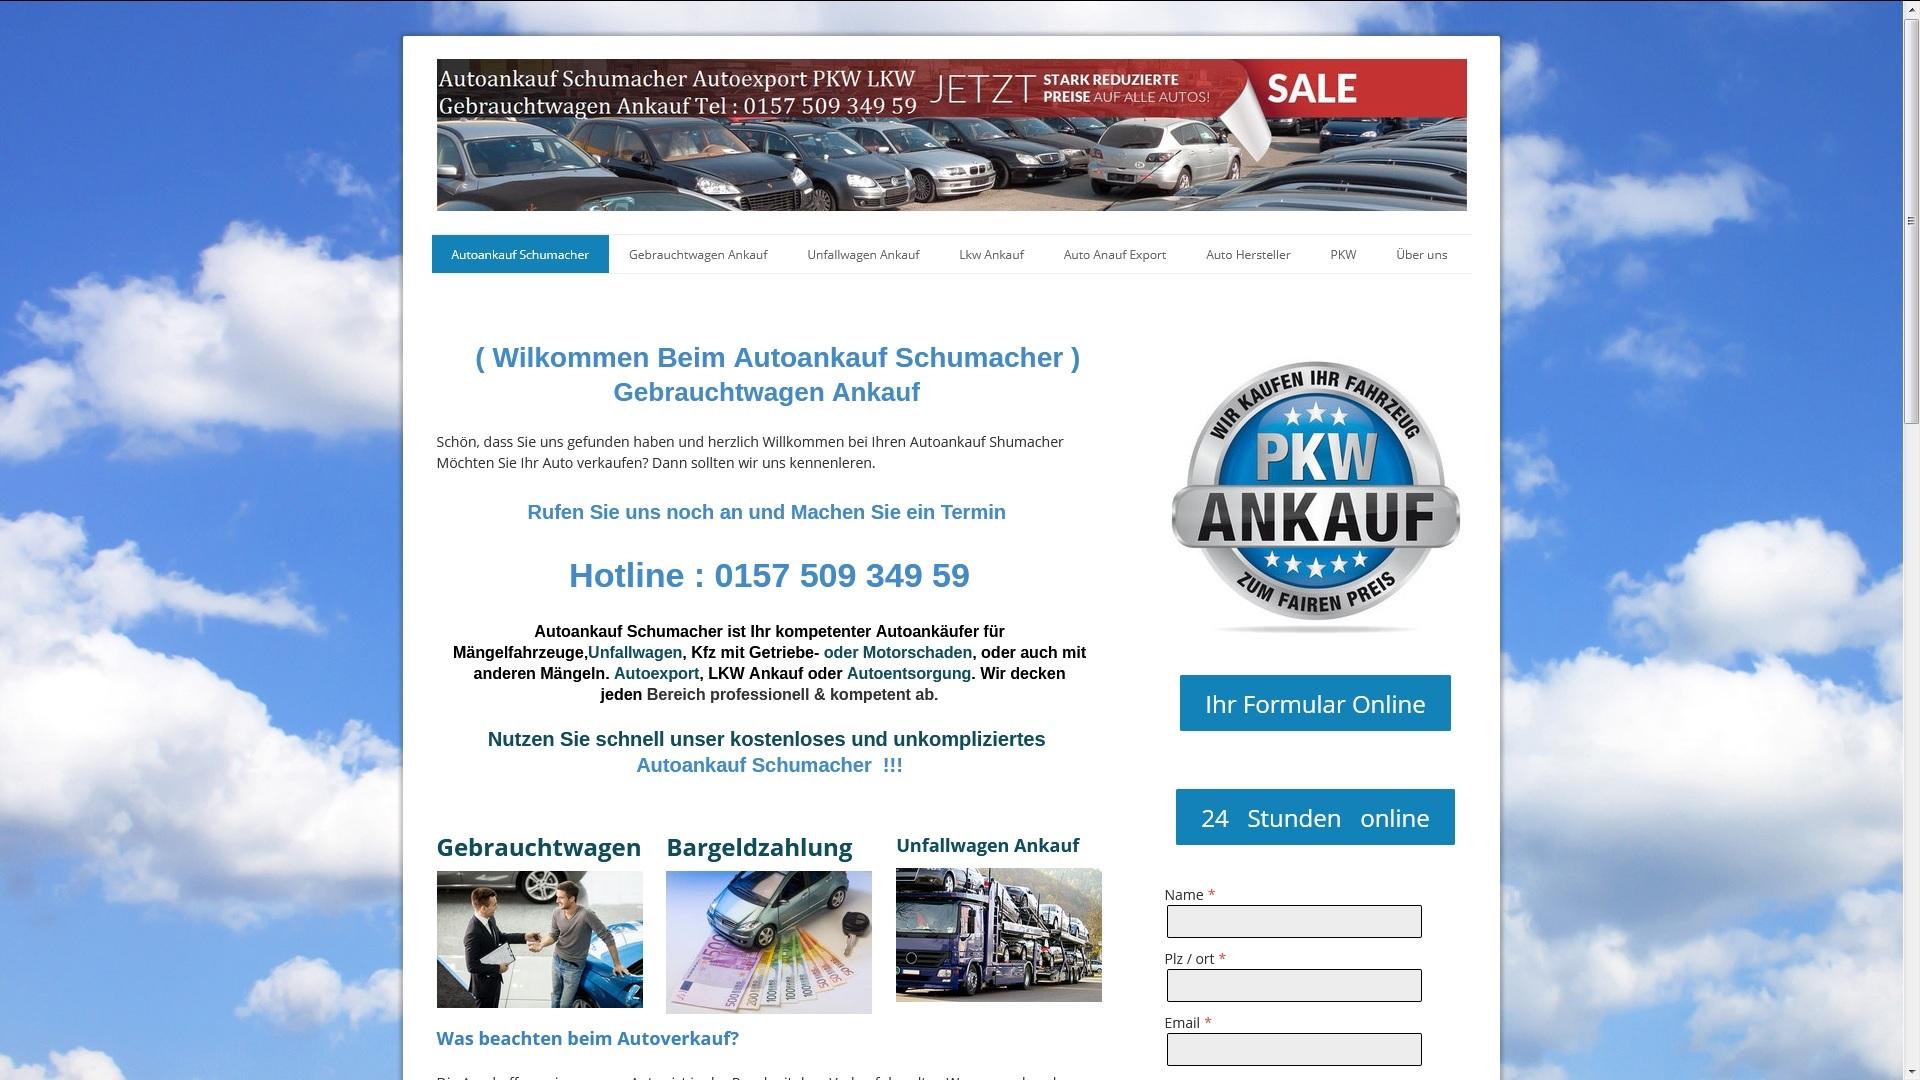 Autoankauf in Dortmund - Auto verkaufen in Dortmund